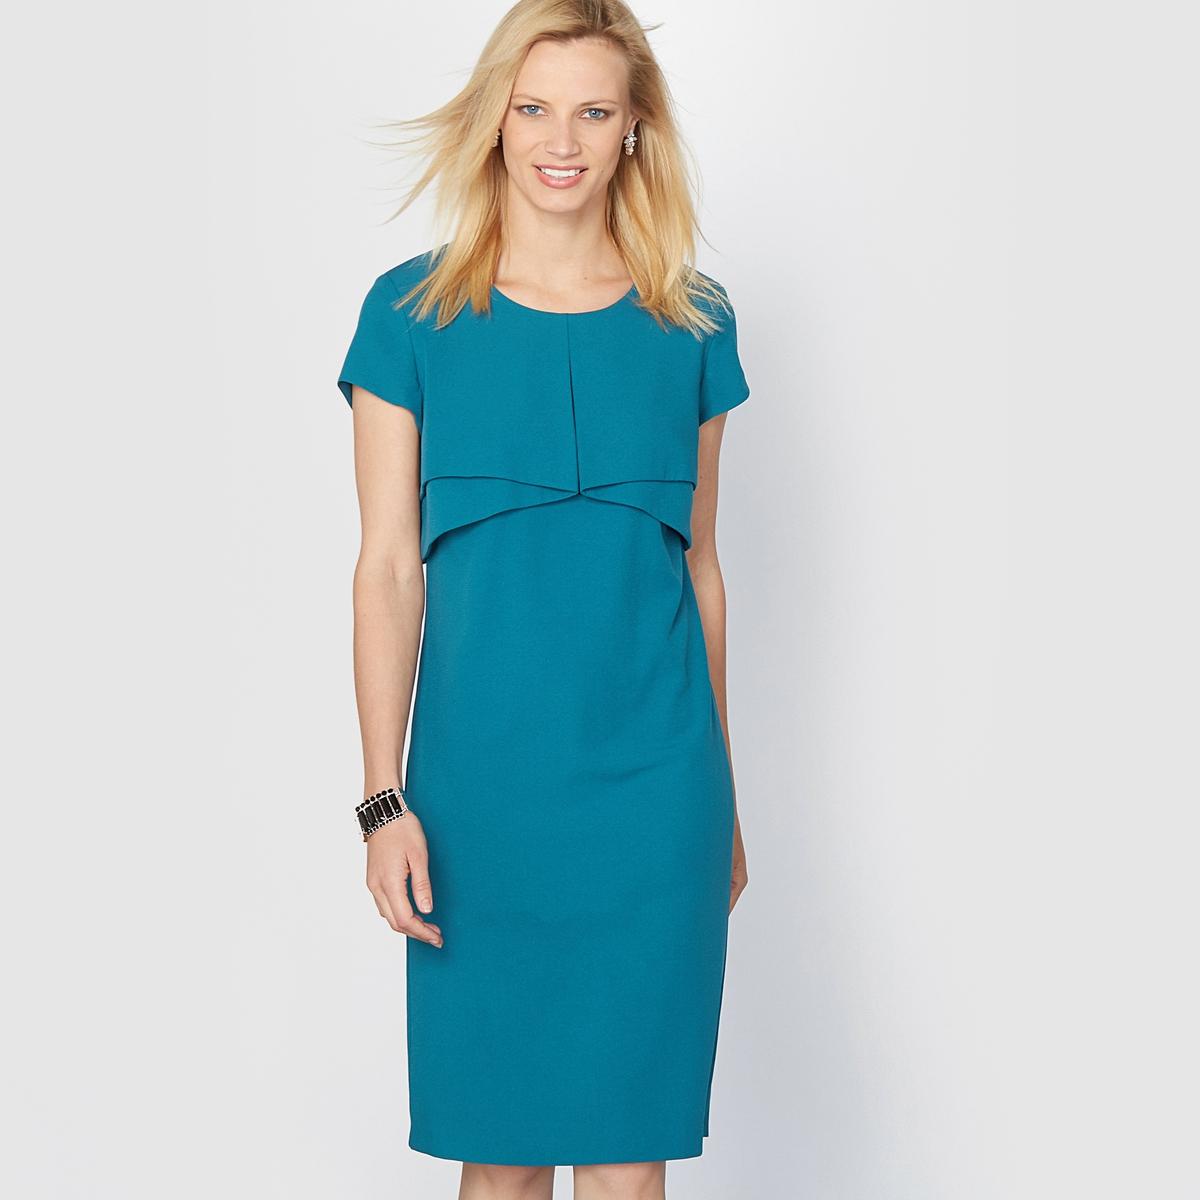 Платье из крепа, драпированные складкиСостав и описание :Материал : Креп 95% полиэстера, 5% эластана.Подкладка : 100% полиэстера.Длина 95 см.Марка : Anne WeyburnУход :Машинная стирка при 30 °C в умеренном режиме .Гладить при умеренной температуре.<br><br>Цвет: сине-зеленый,черный<br>Размер: 52 (FR) - 58 (RUS).40 (FR) - 46 (RUS).42 (FR) - 48 (RUS).50 (FR) - 56 (RUS).52 (FR) - 58 (RUS)